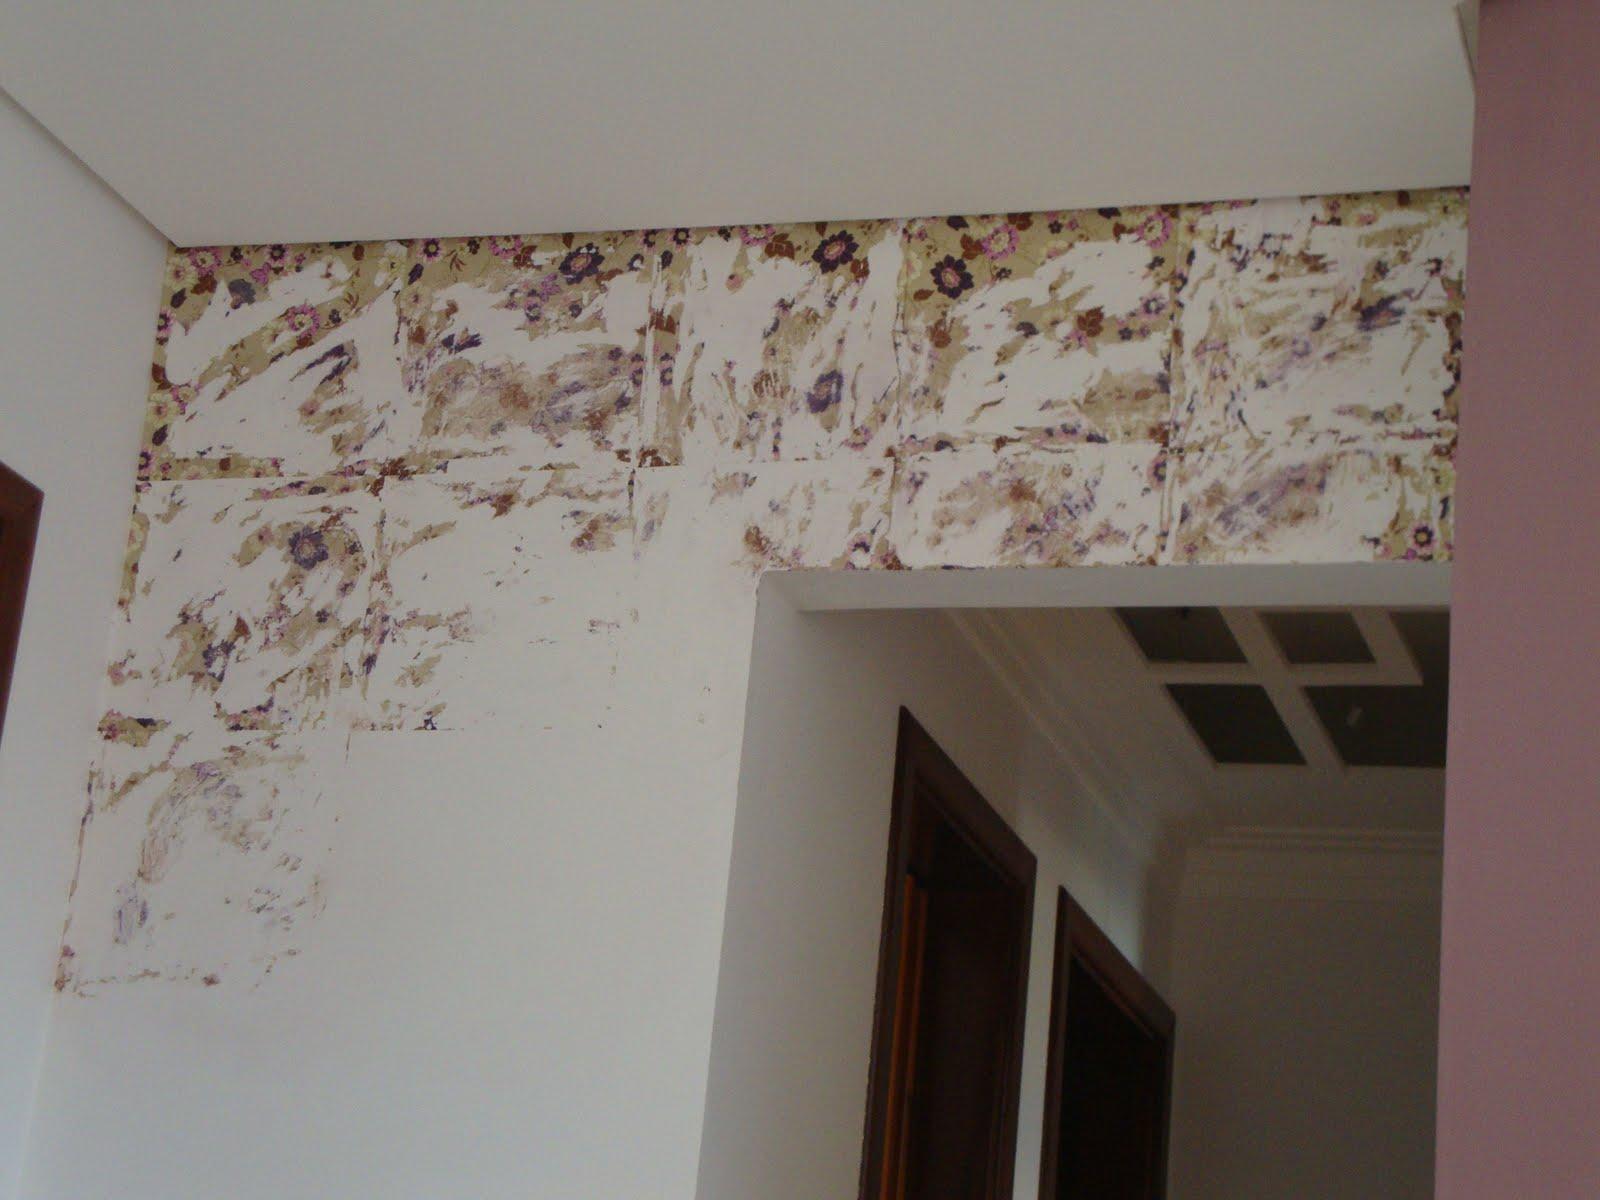 #342A22 Olha eu ai fazendo o trabalho sujo snif snif tadinha . 1600x1200 px papel de parede floral banheiro